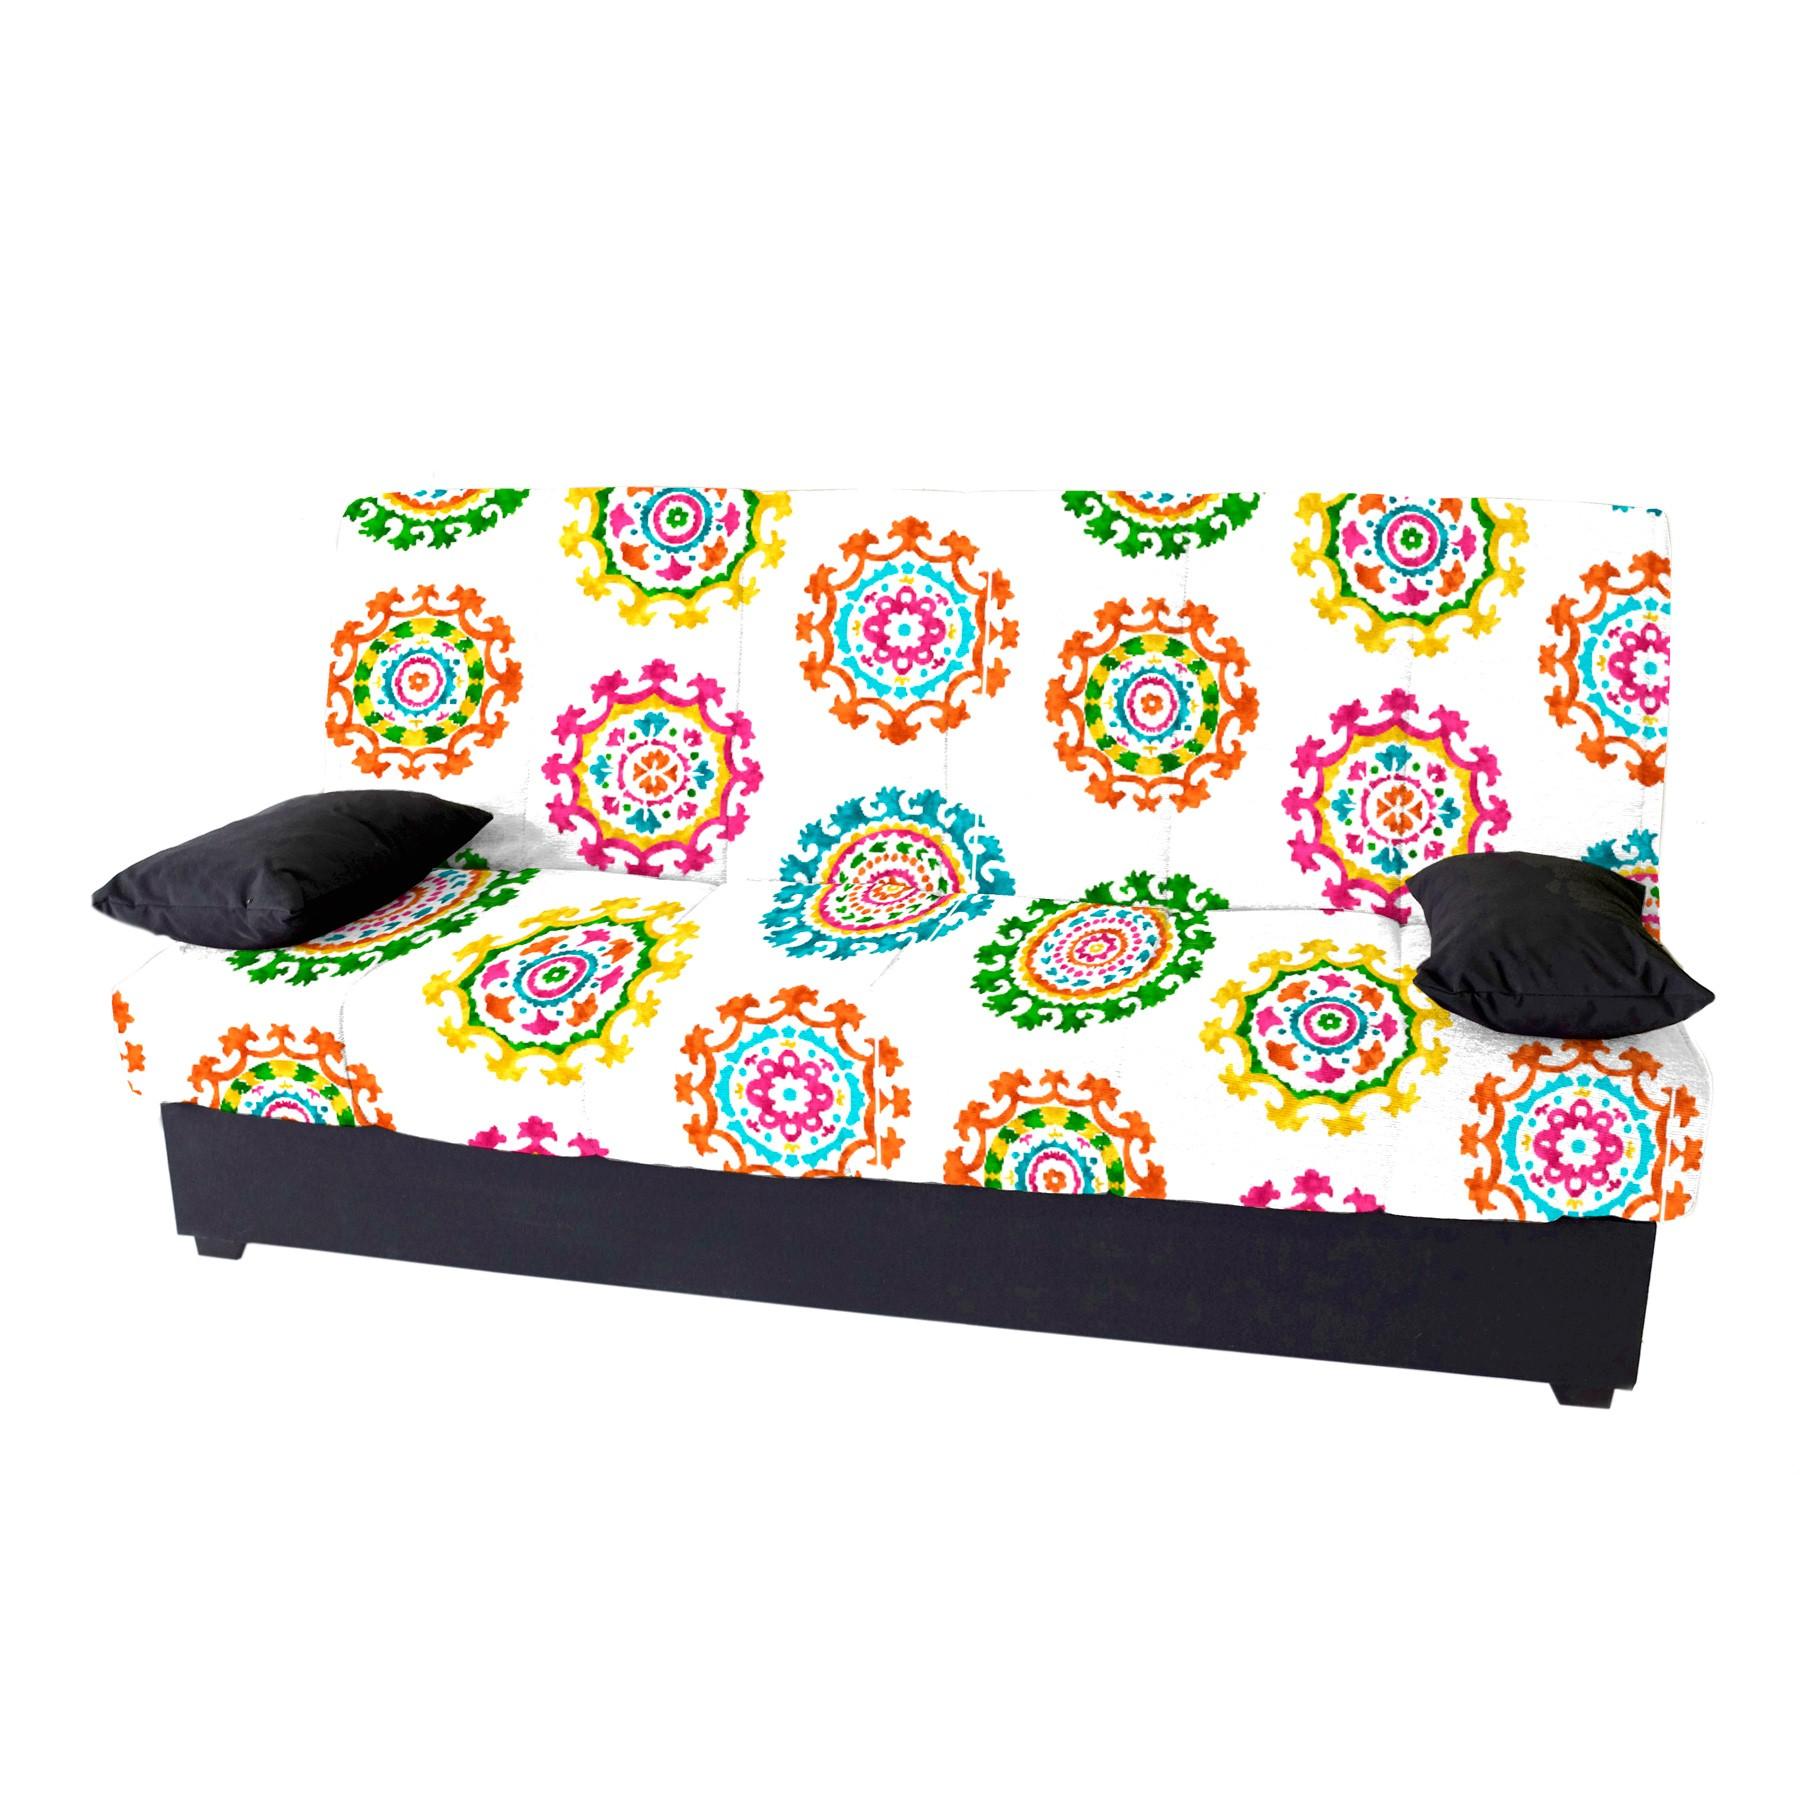 Sof cama clic clac modelo azteca for Sofa cama sistema clic clac